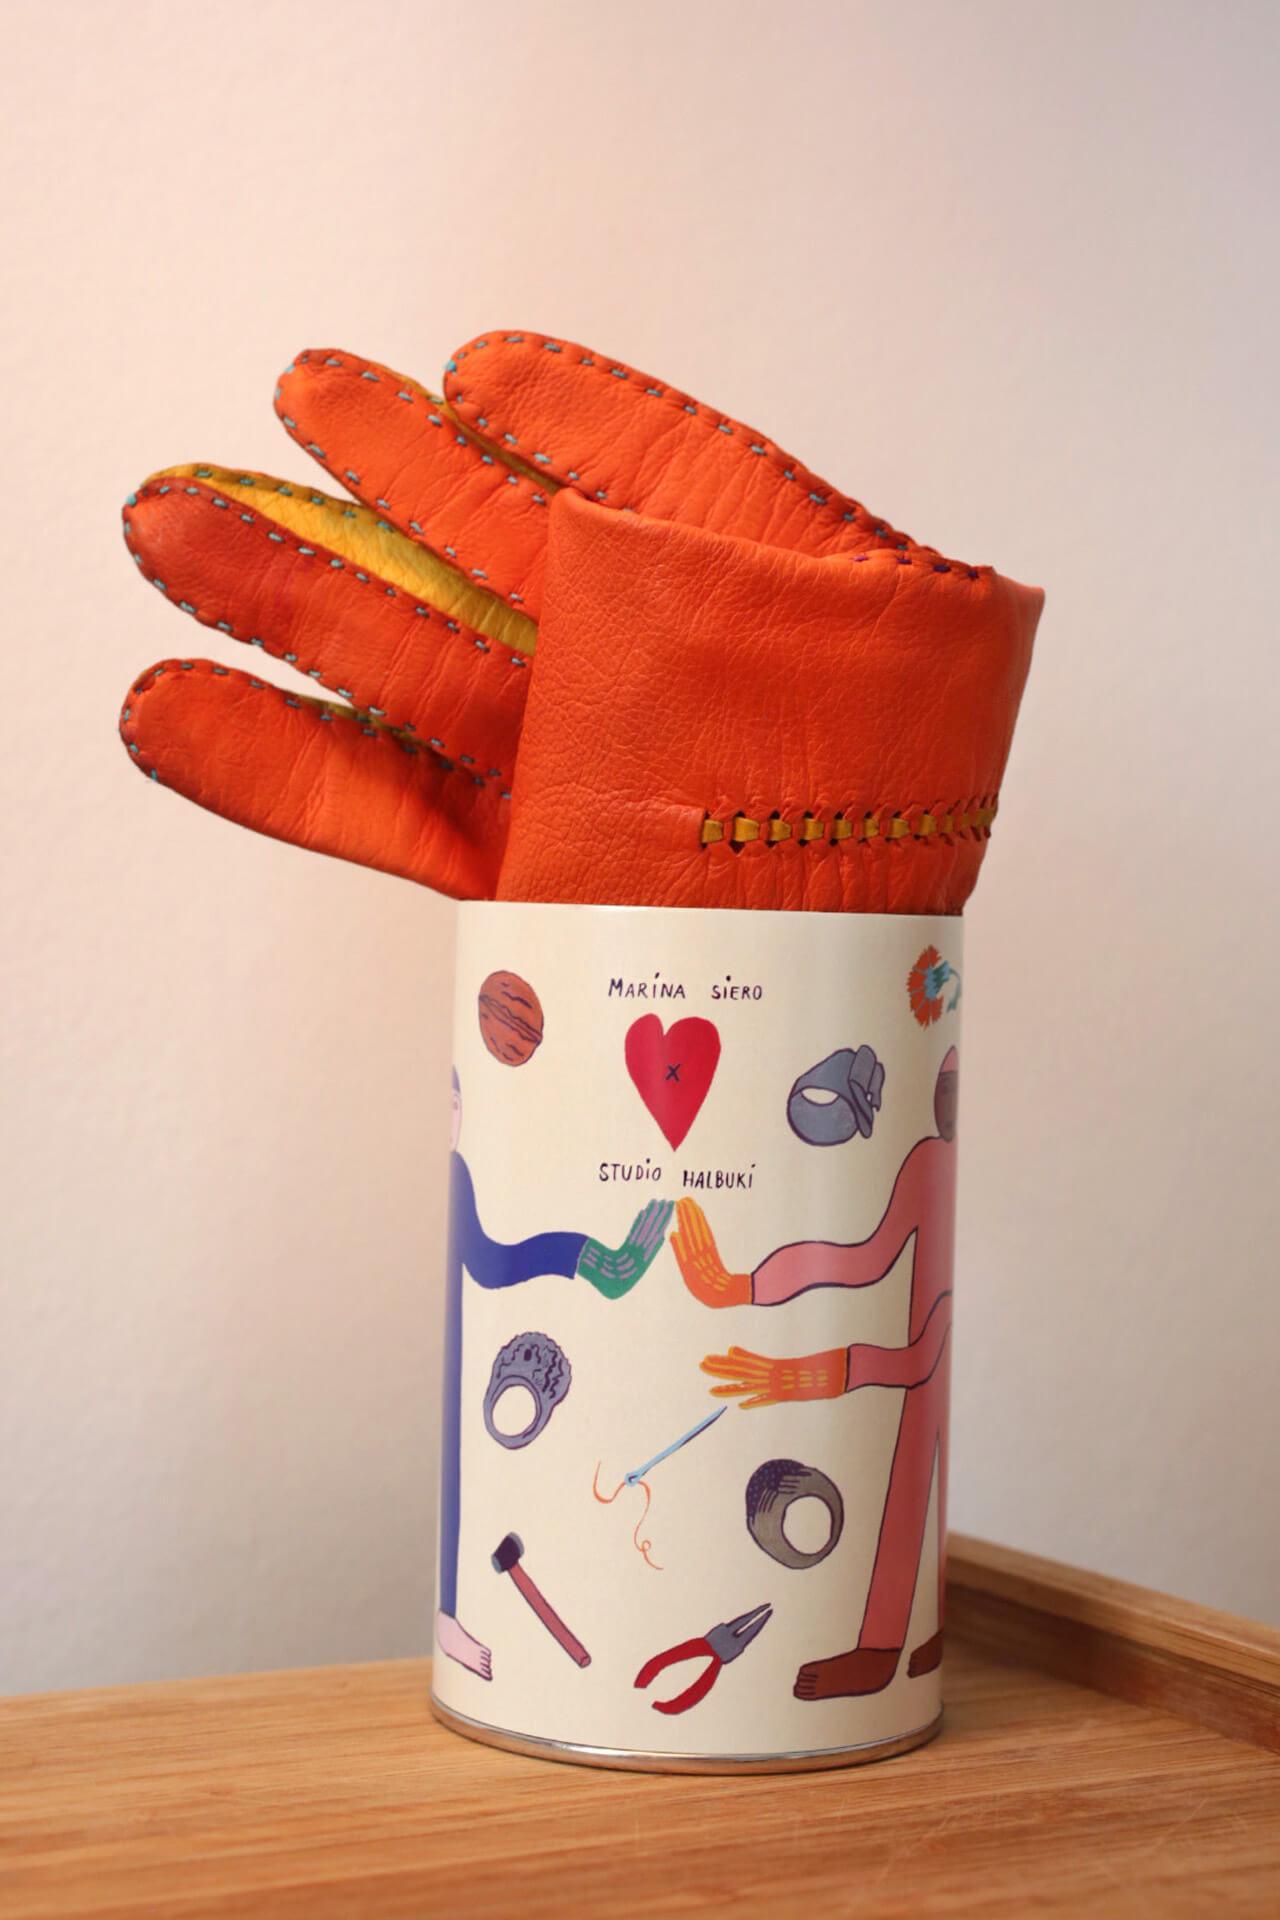 Gants Studio Halbuki enroulés dans l'emballage cylindrique